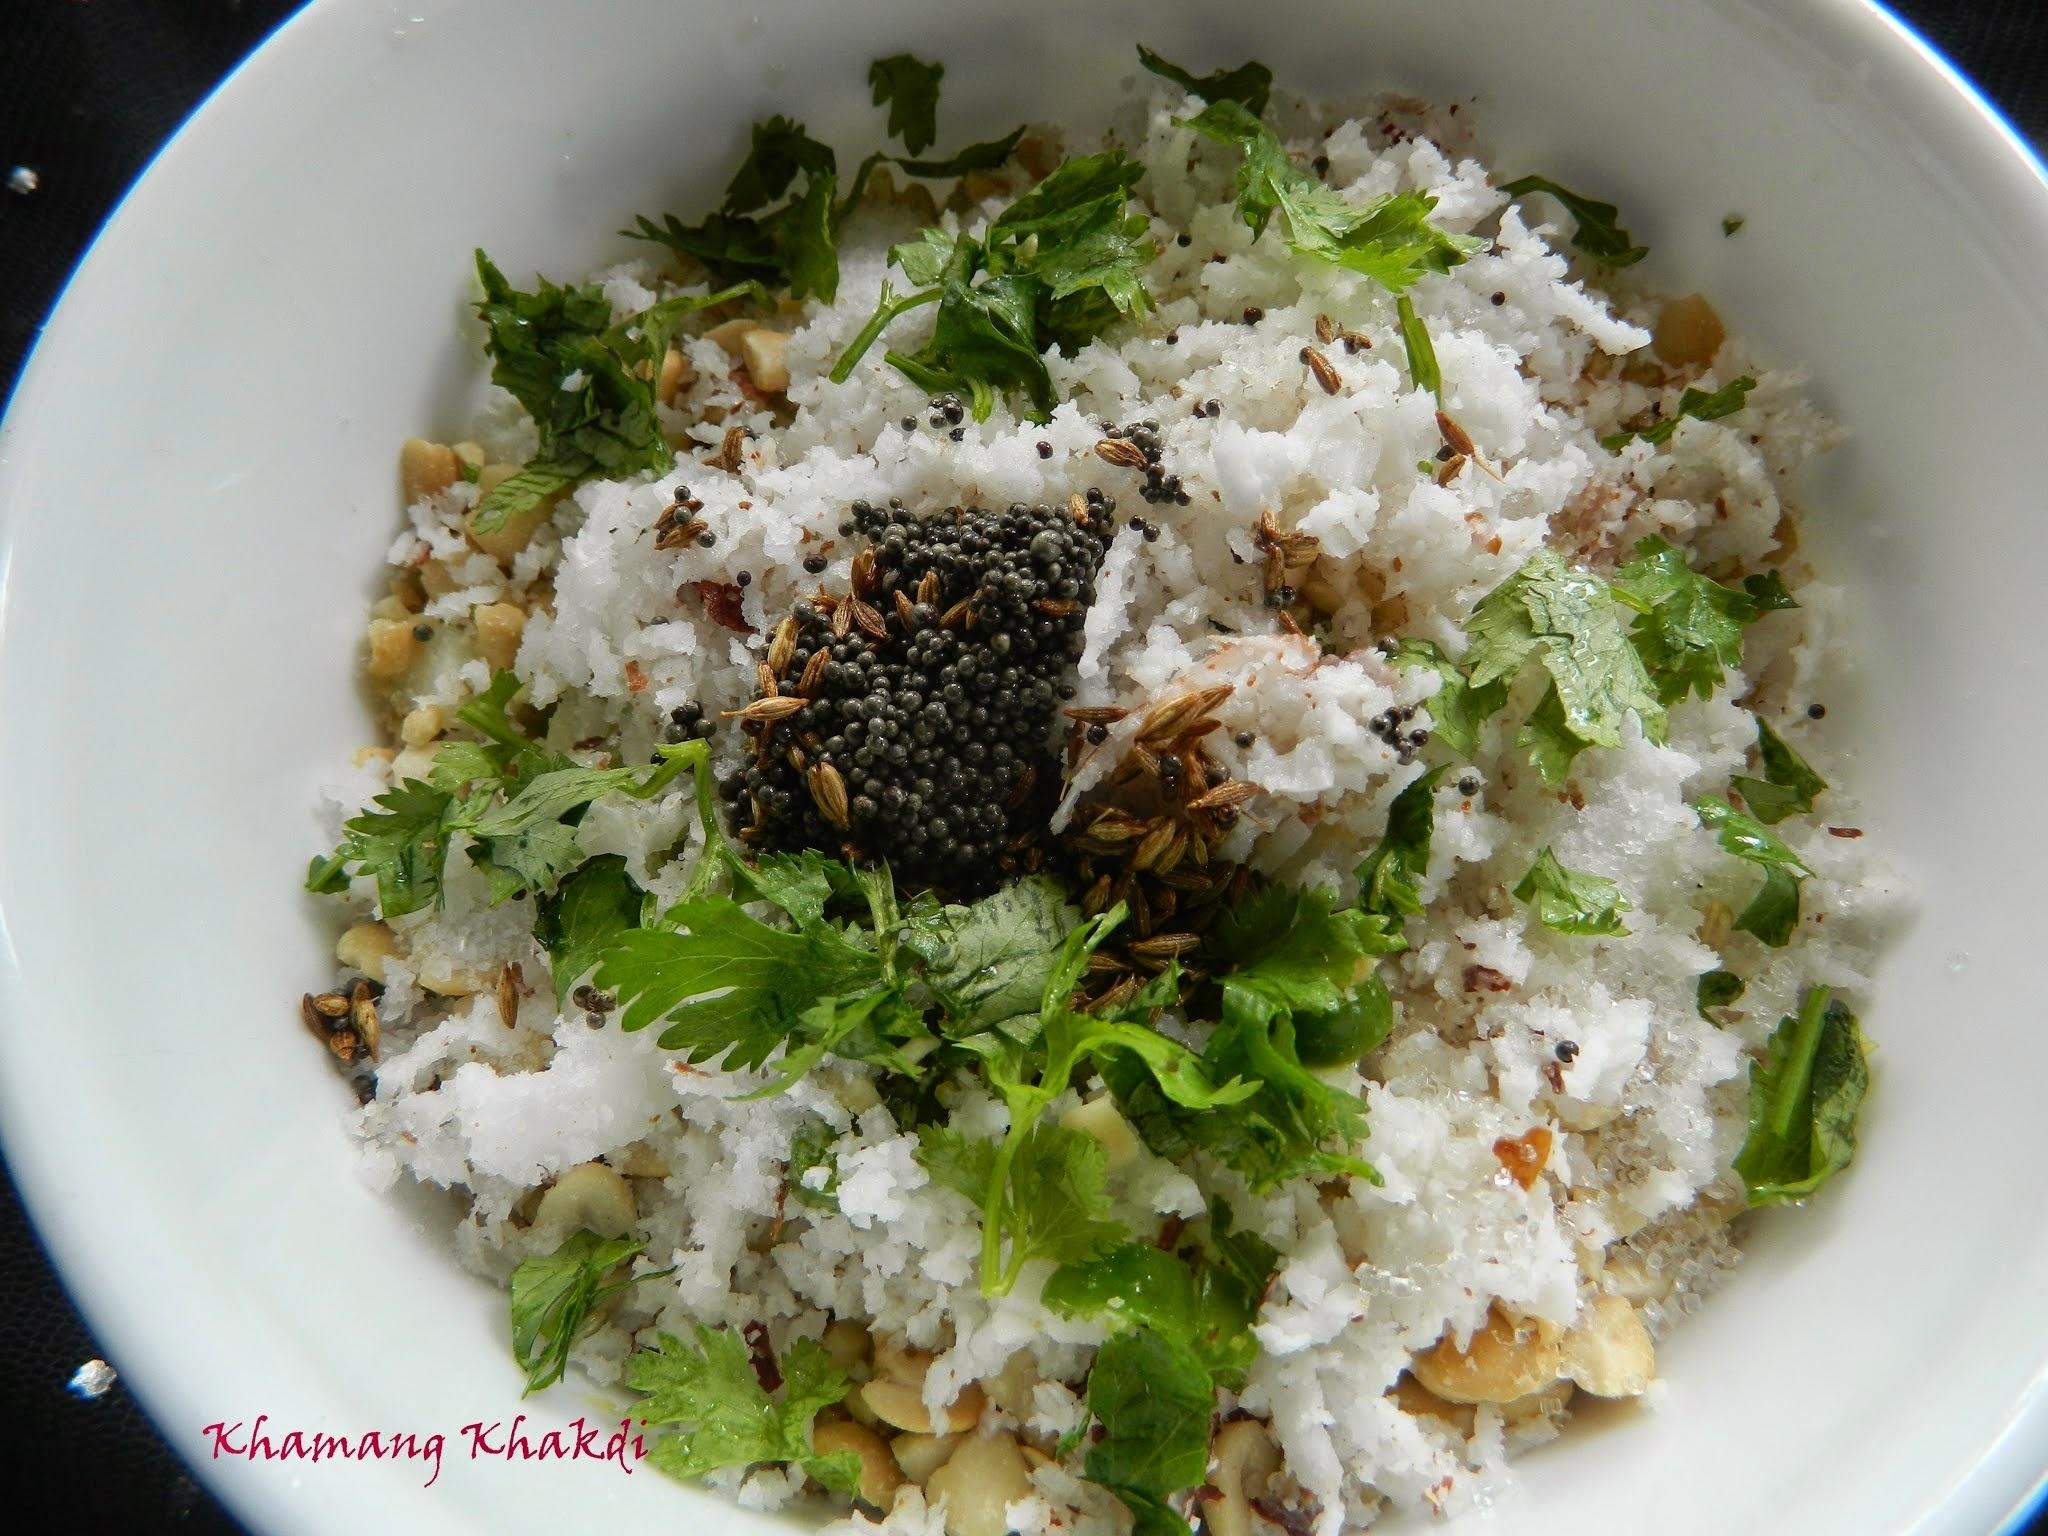 rasgulla recipe by sanjeev kapoor pdf